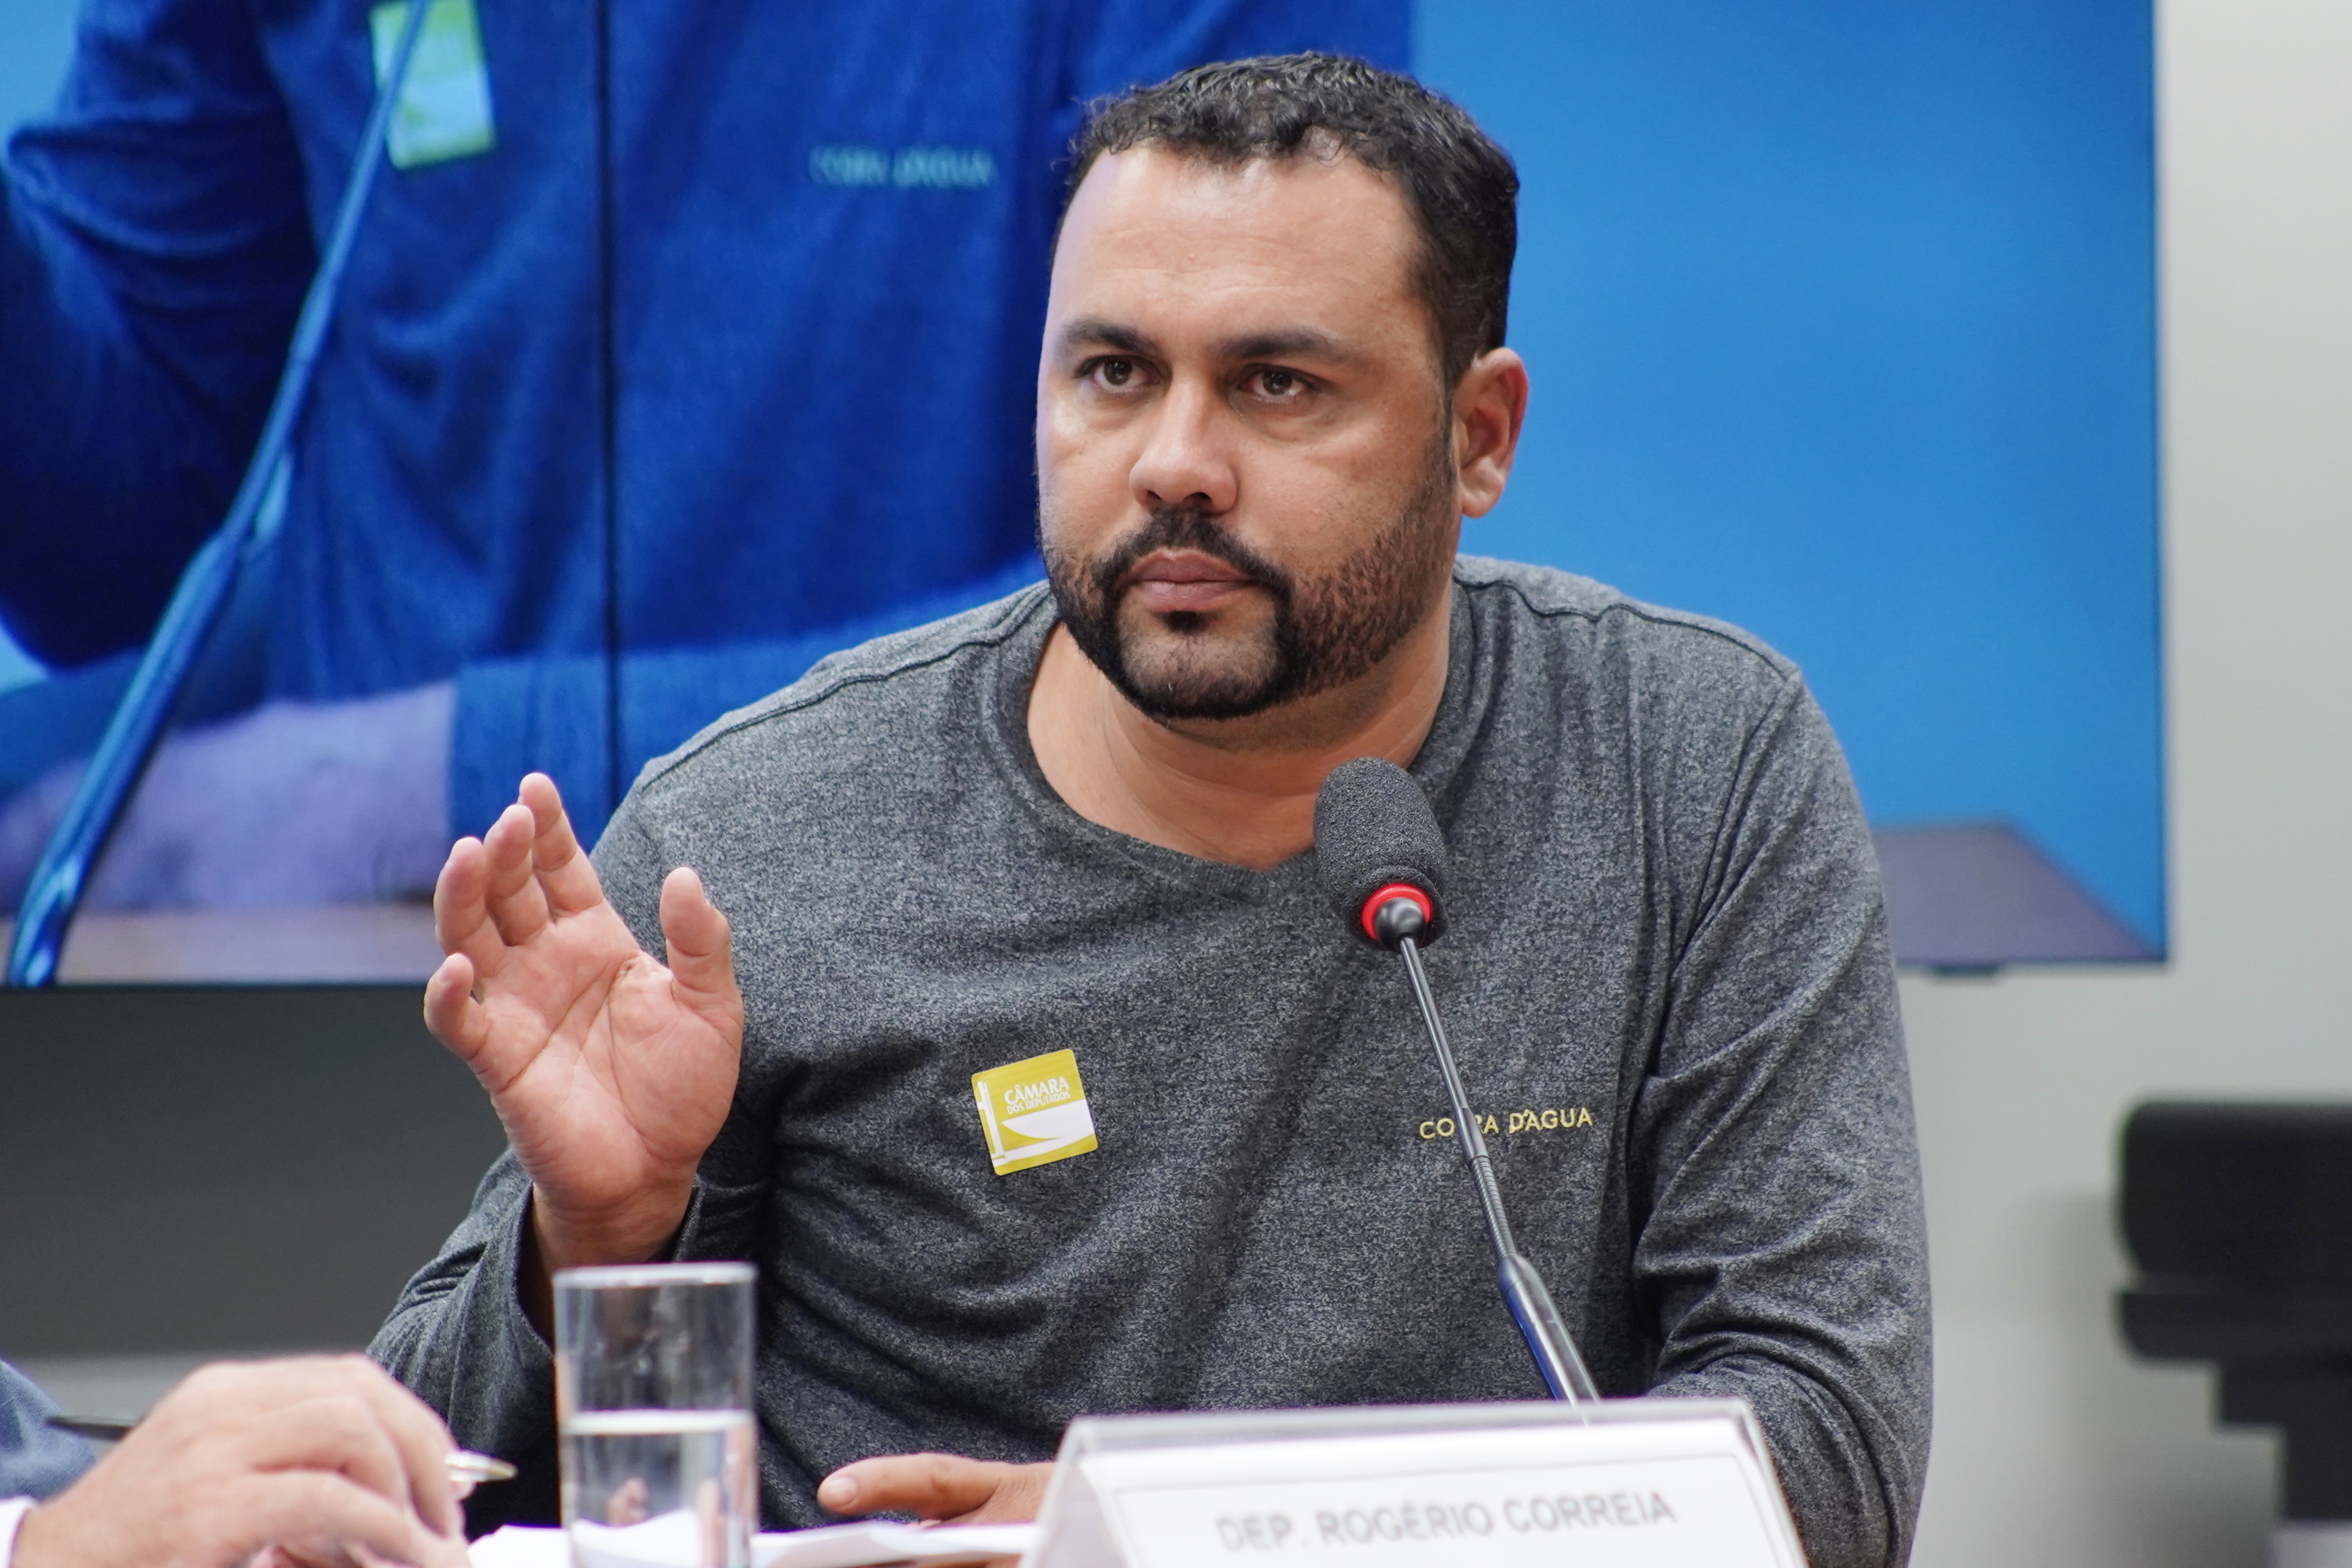 Audiência Pública para tomadas de depoimentos: Funcionários da Vale AS. Convidado Funcionário da Vale, Fernando Henrique Barbosa